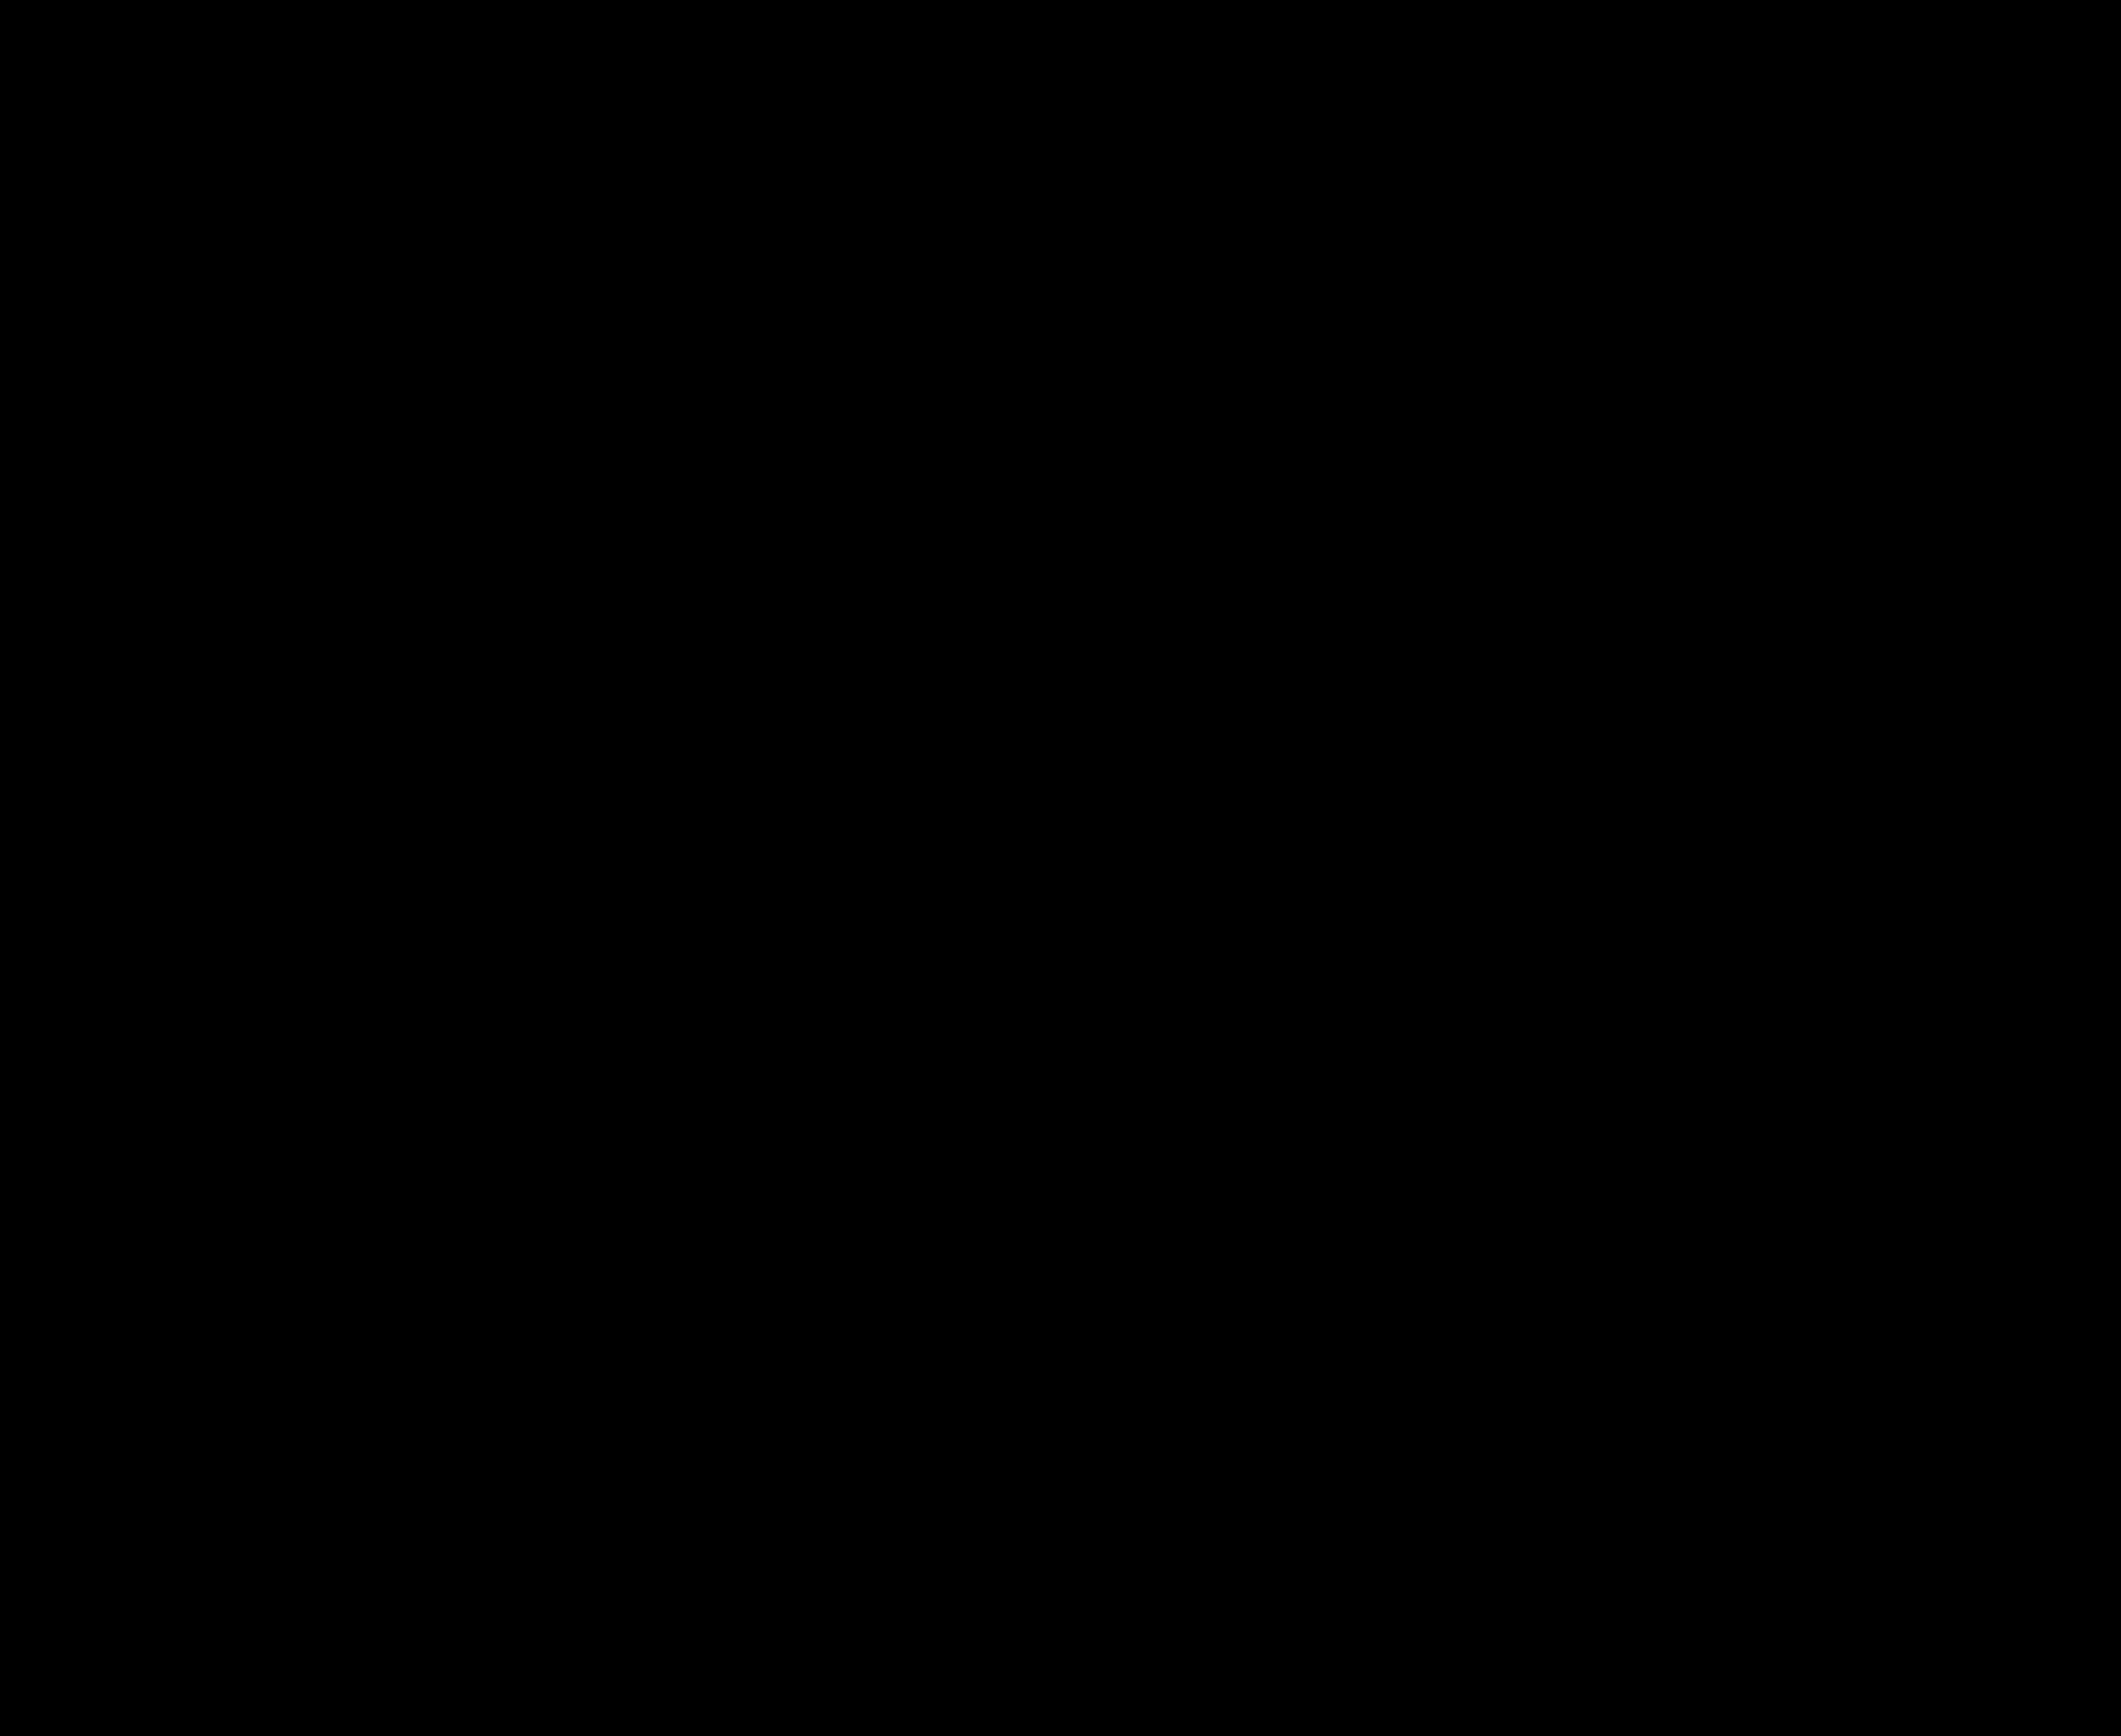 Kubek M 012 200g (1,05)